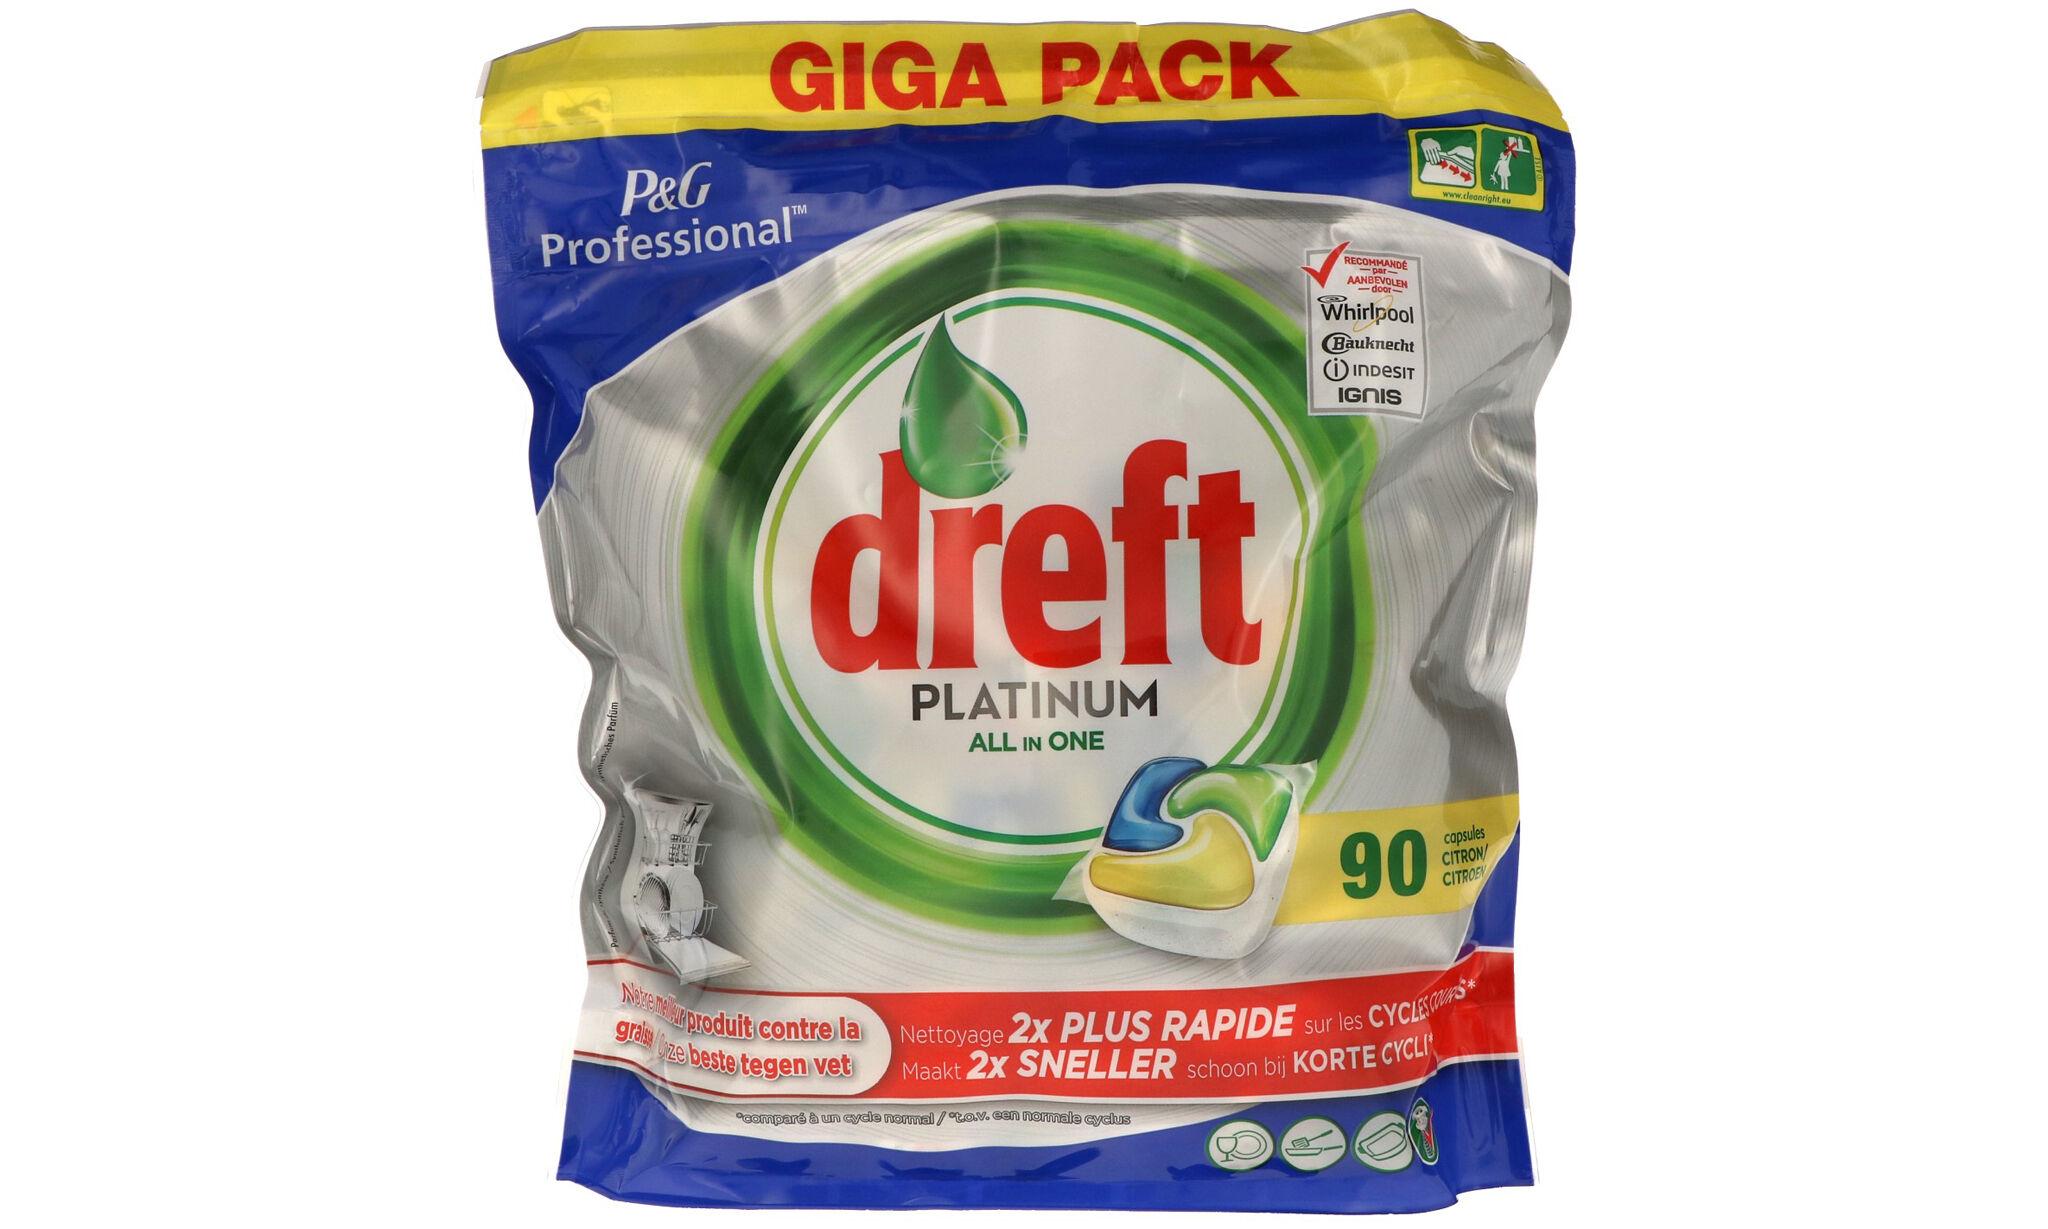 DREFT 3 paquets de 90 tablettes Platinum All in One Dreft : 270 tablettes /